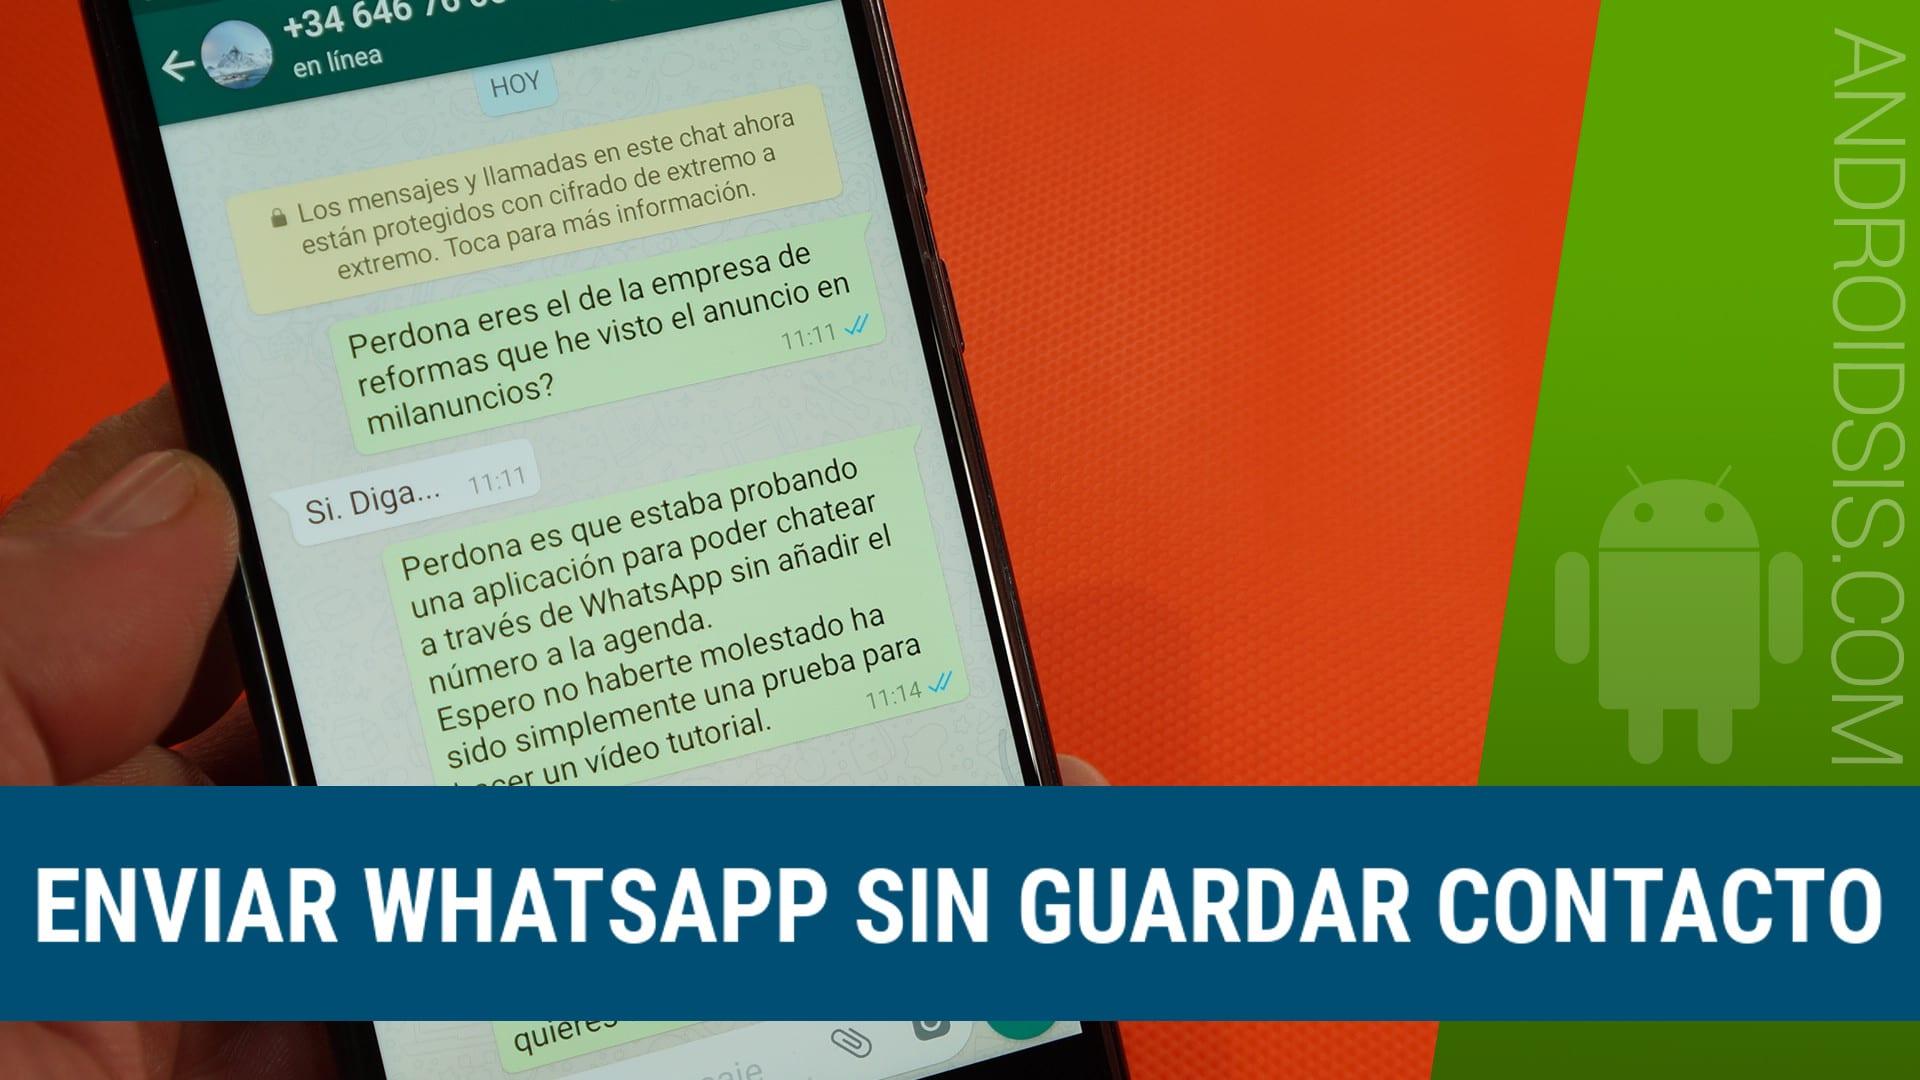 Cómo enviar WhatsApp sin guardar contacto. ¡¡Muy útil!!